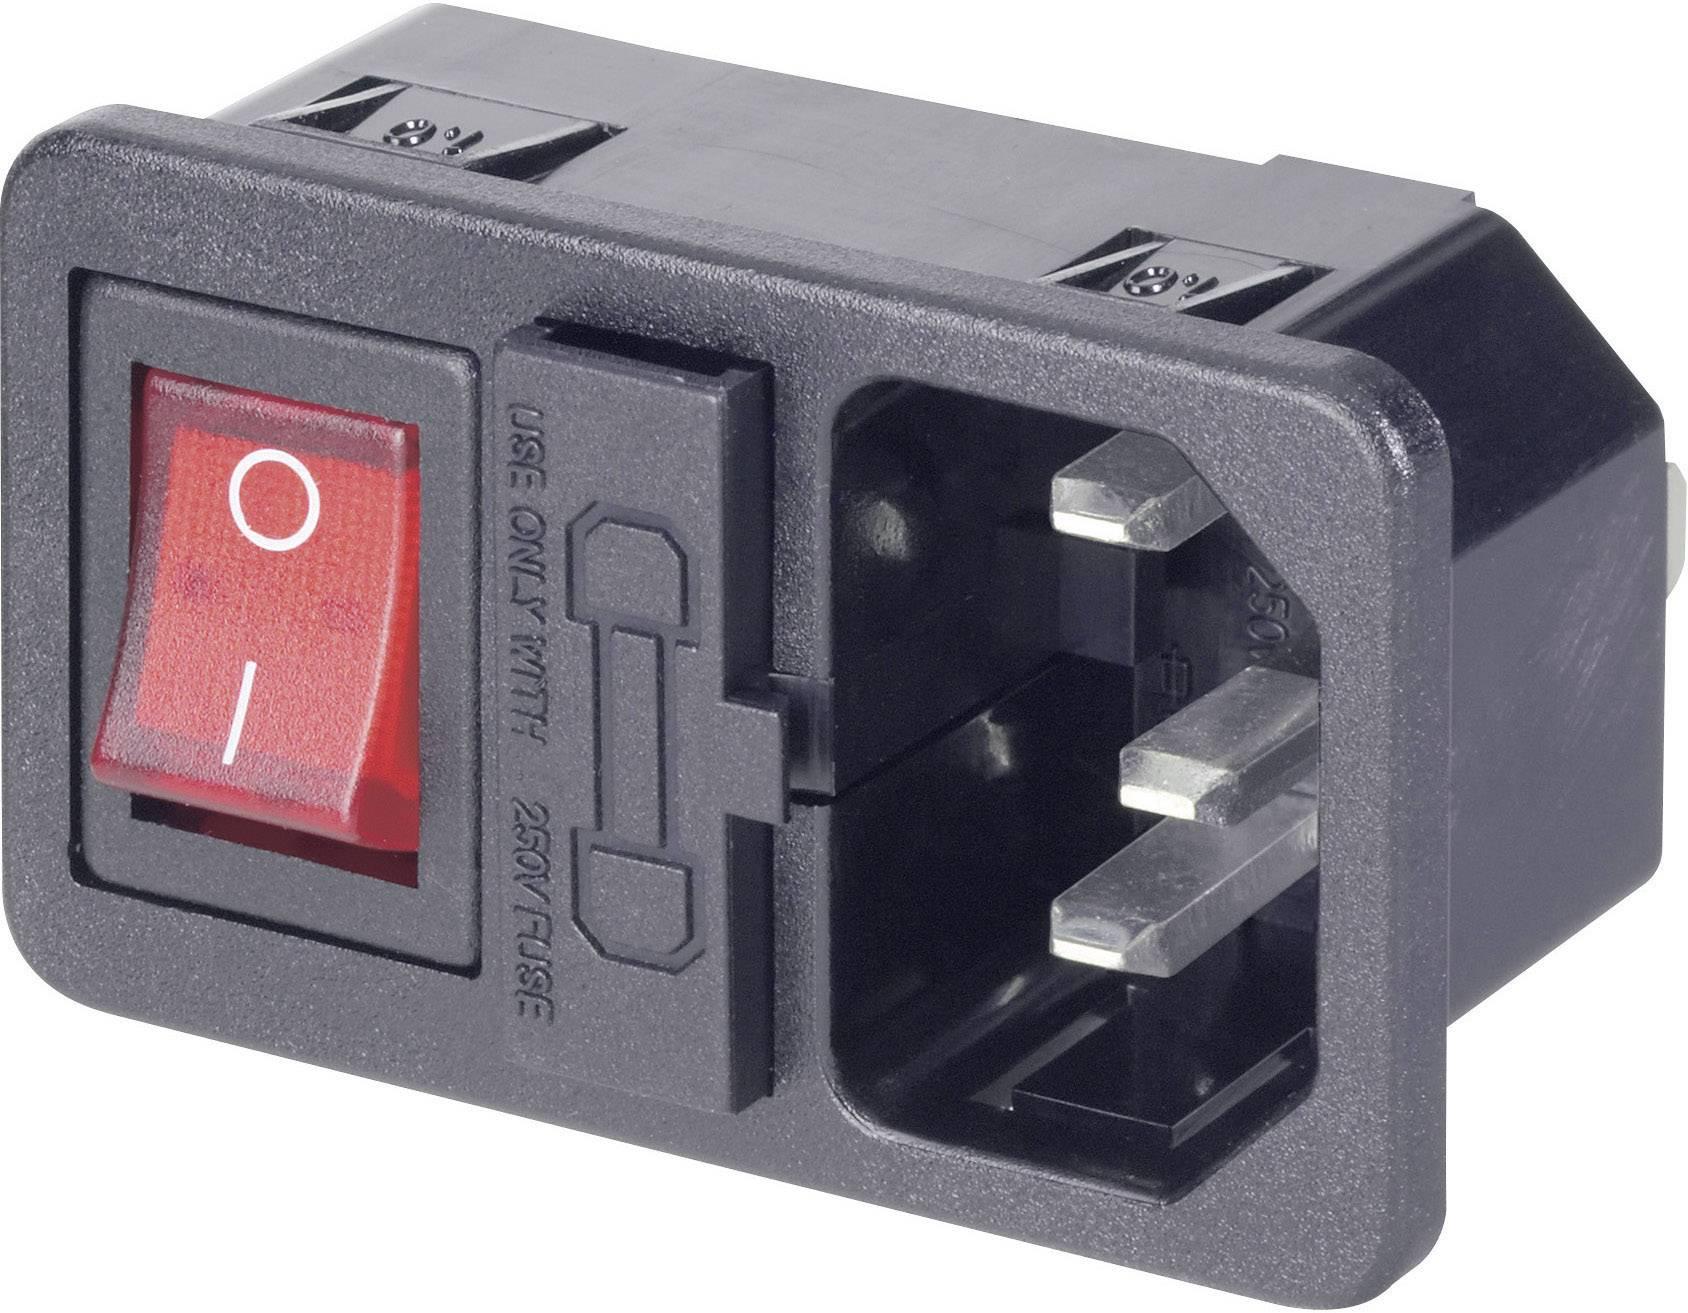 IEC zástrčka C13/C14 C14, zástrčka, vstaviteľná vertikálna, počet kontaktov: 2 + PE, 10 A, 250 V/AC, čierna, 1 ks